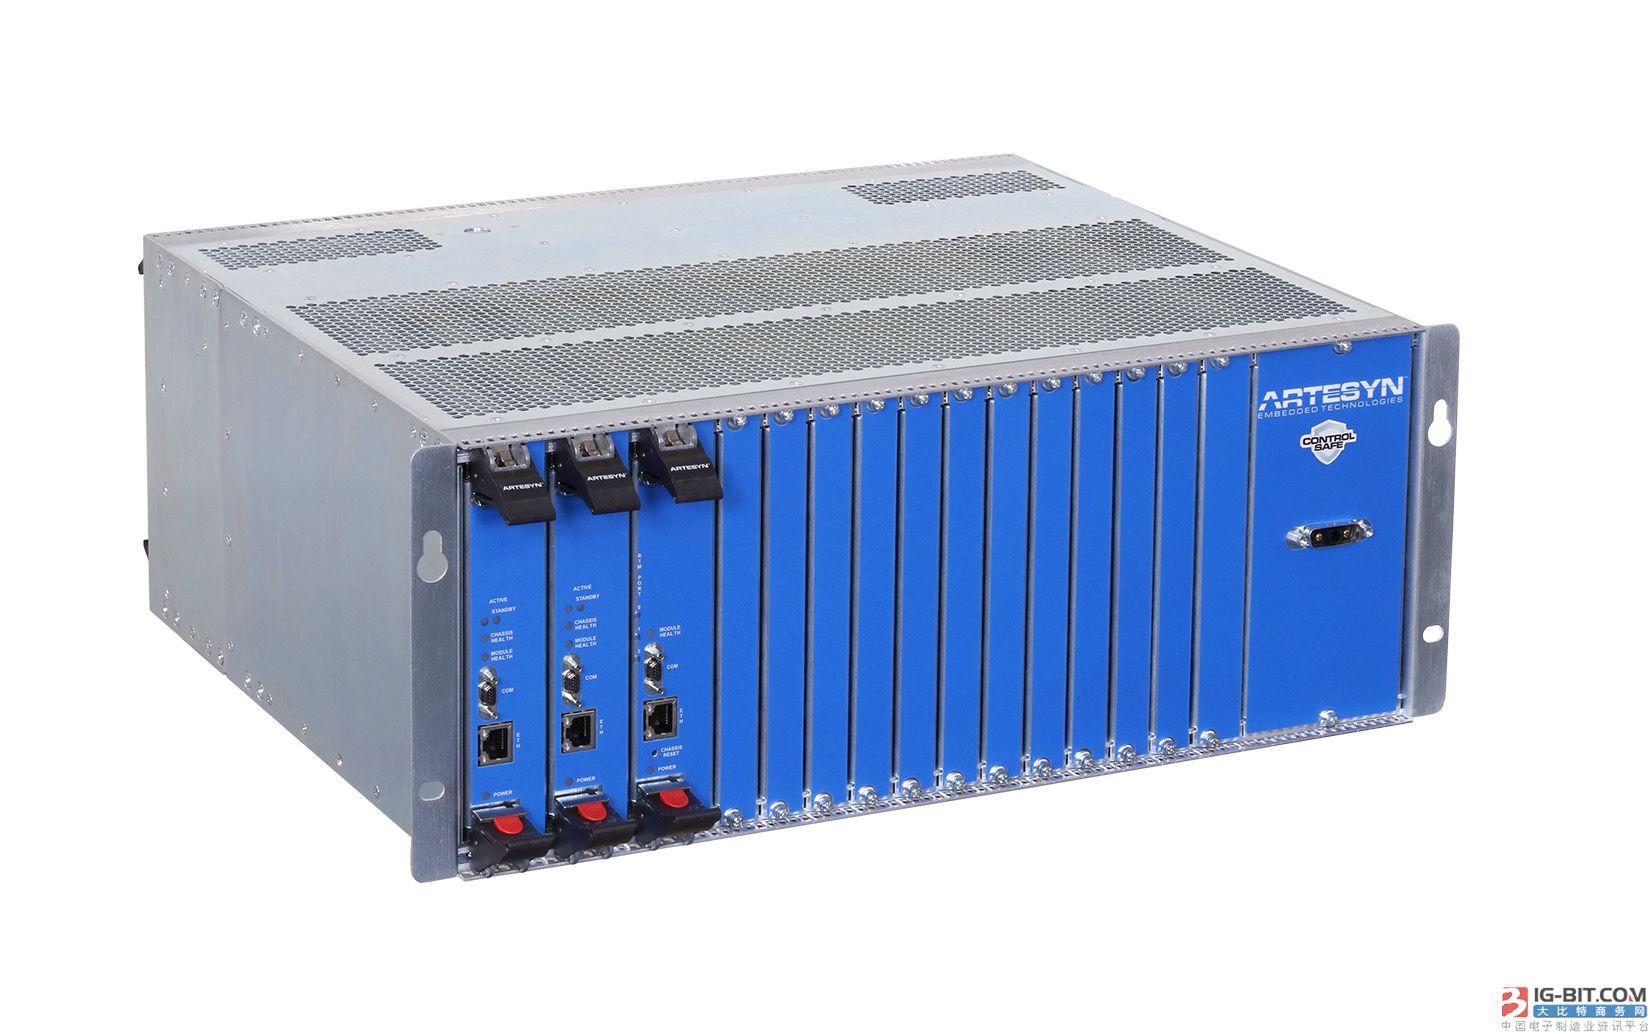 雅特生科技推出可支持车载应用的ControlSafe 满足SIL4 标准的 安全计算机平台